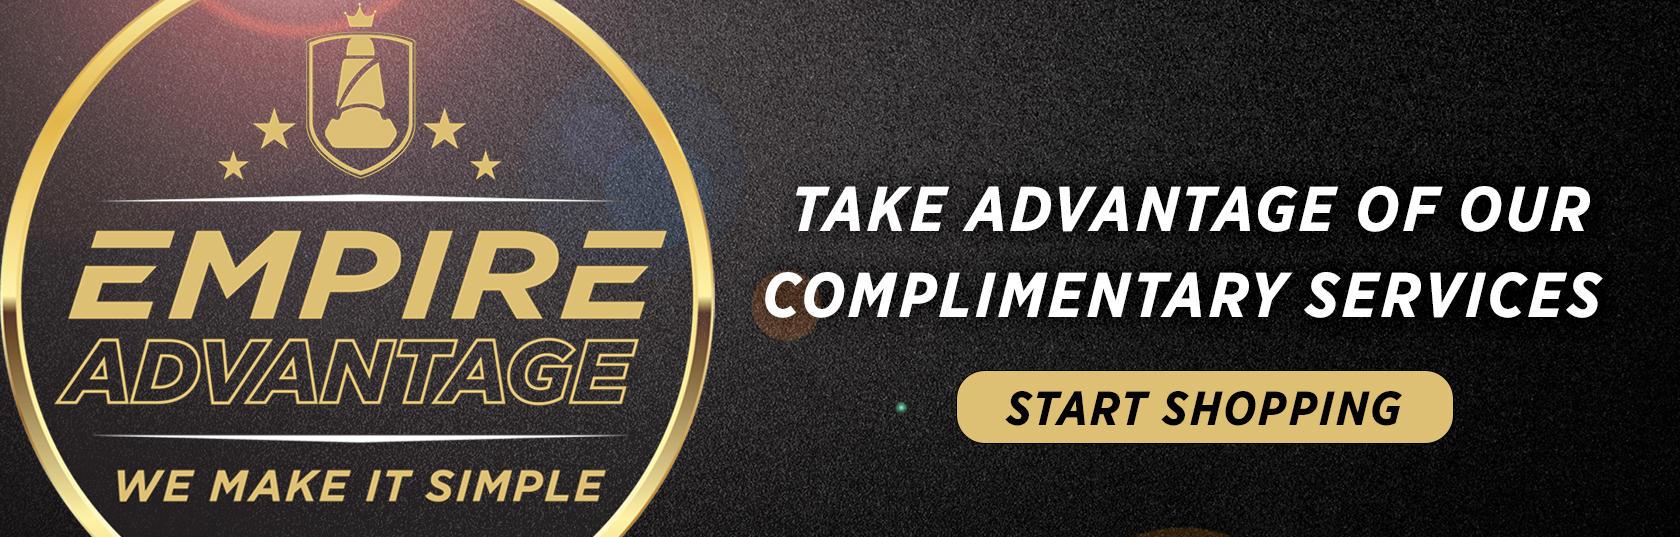 Empire advantage